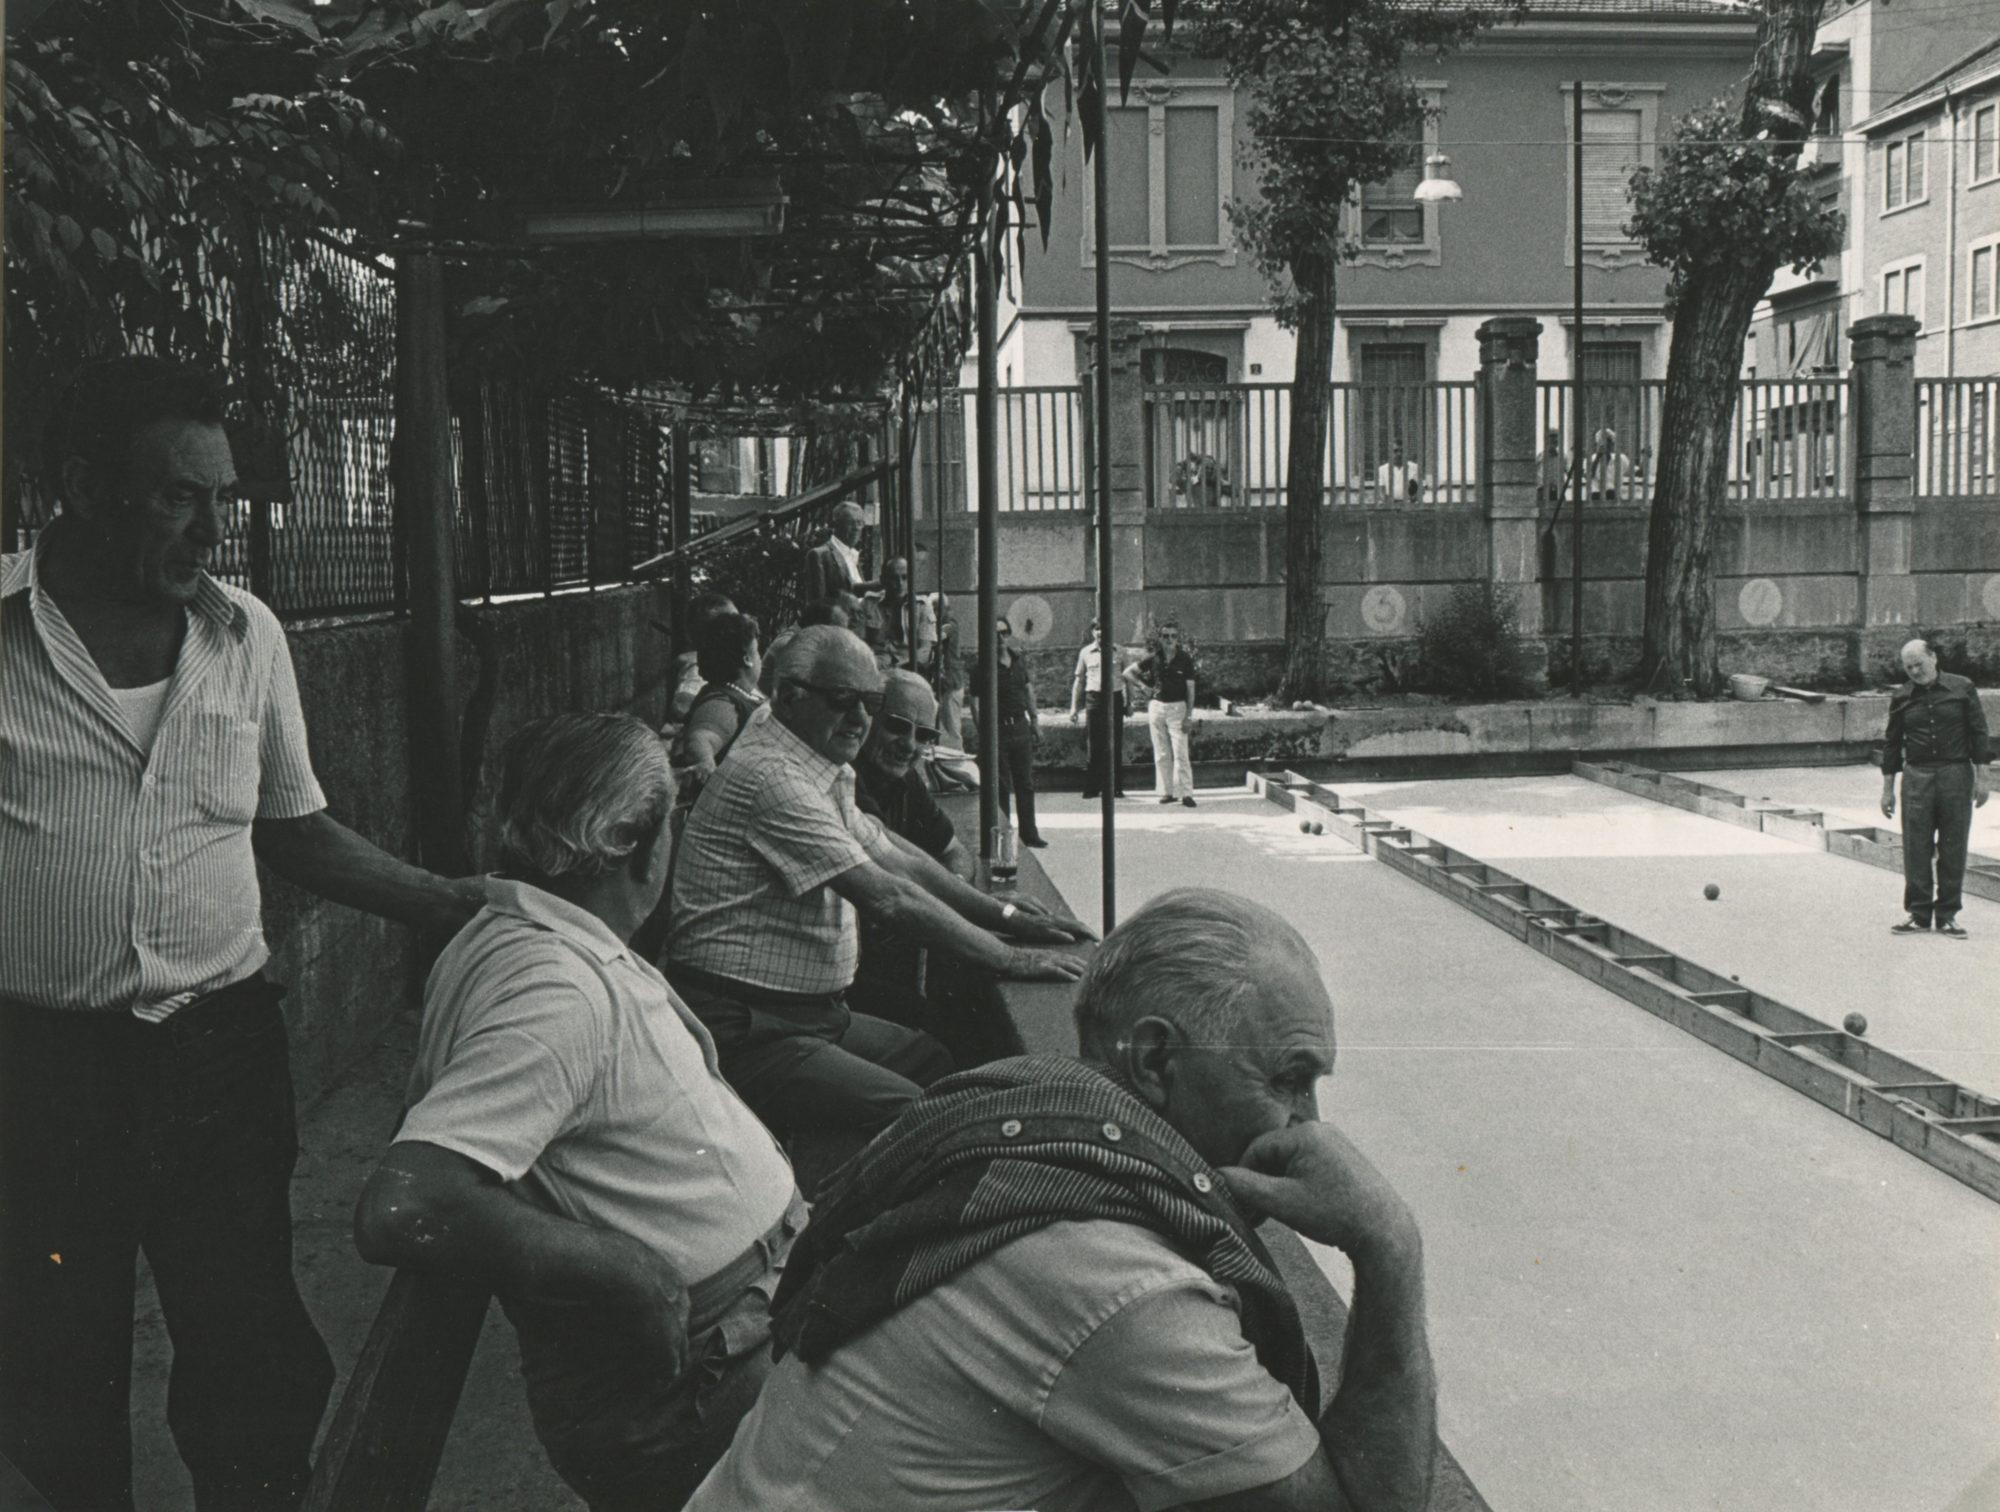 1981-rizzi-silvano-75esimo-anniversario-del-quartiere-solari-umanitaria_giocatori-di-bocce-della-bocciofila-montevideo